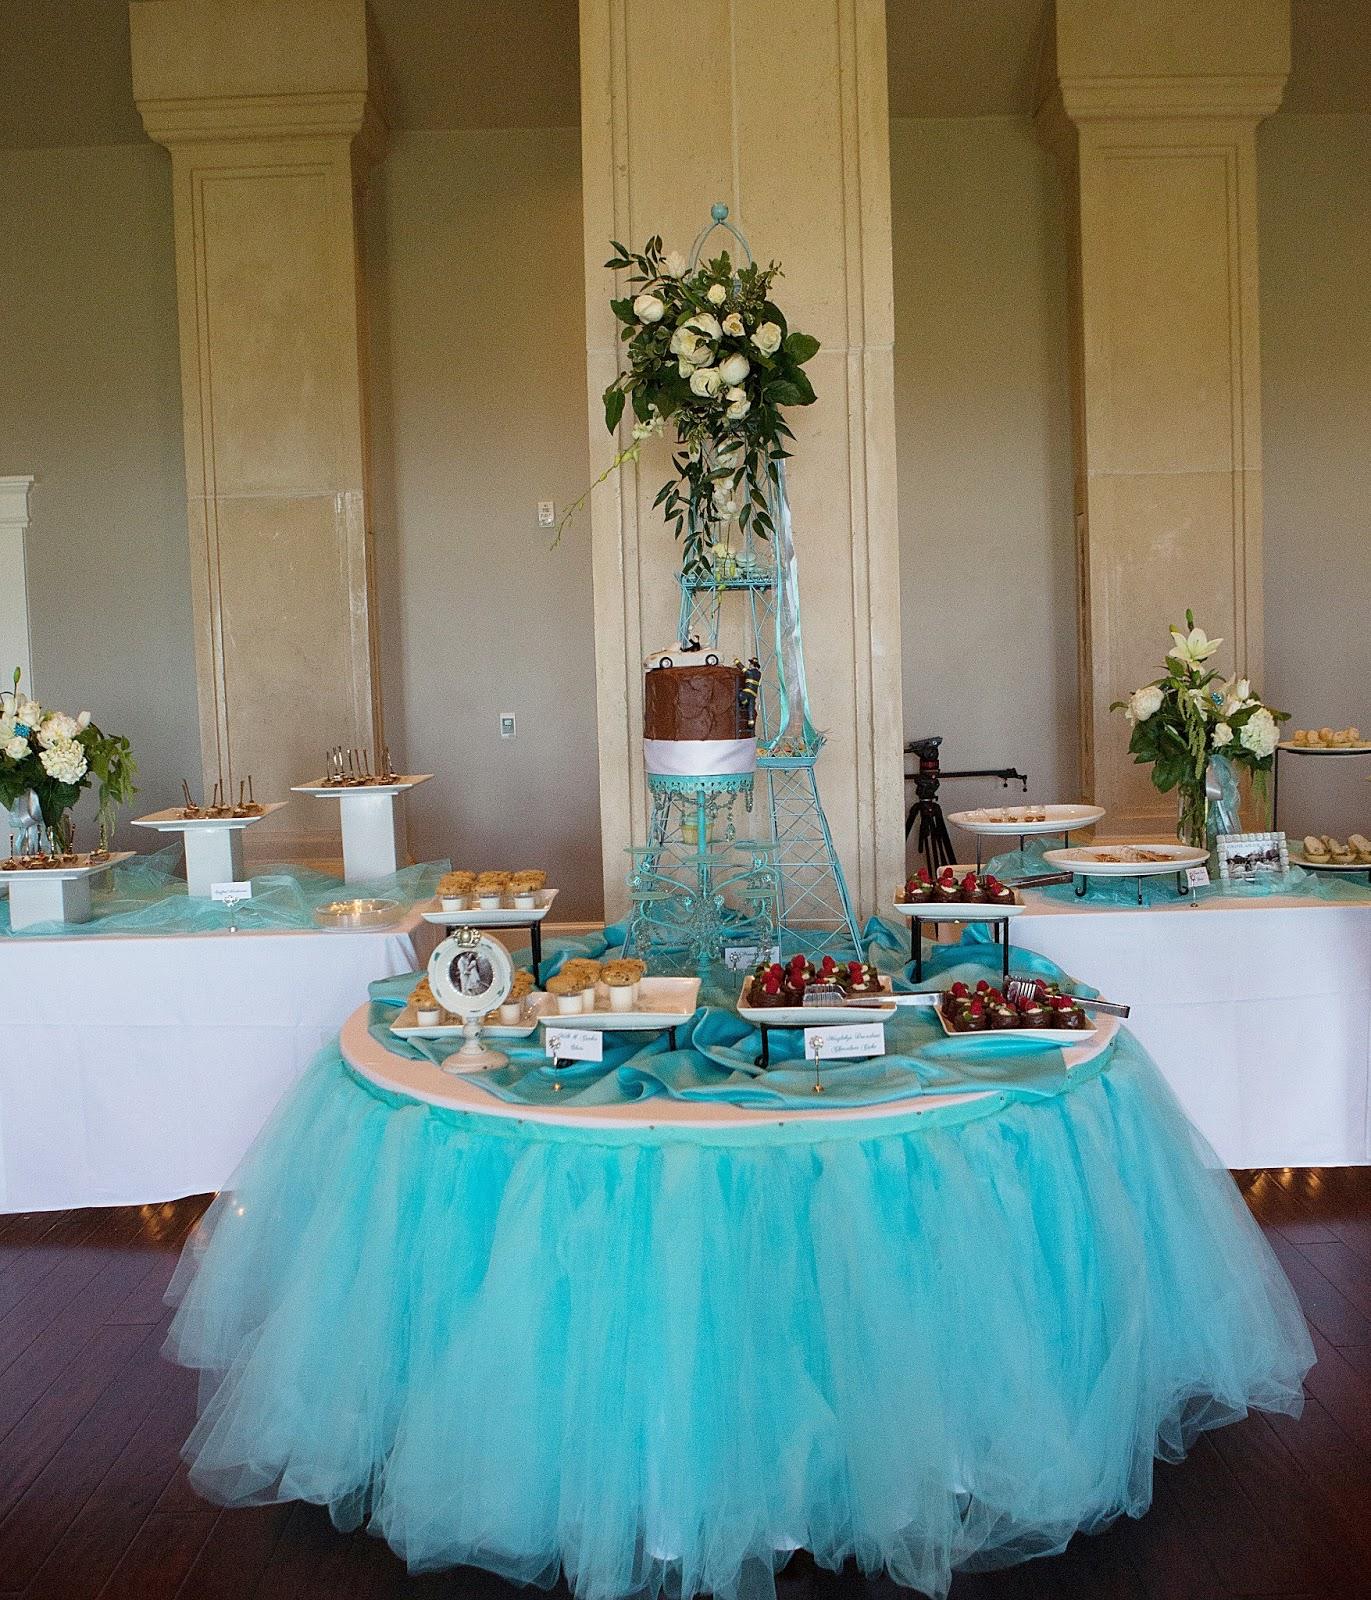 Wedding Reception Dessert Table: An Aqua French-Inspired Wedding Reception